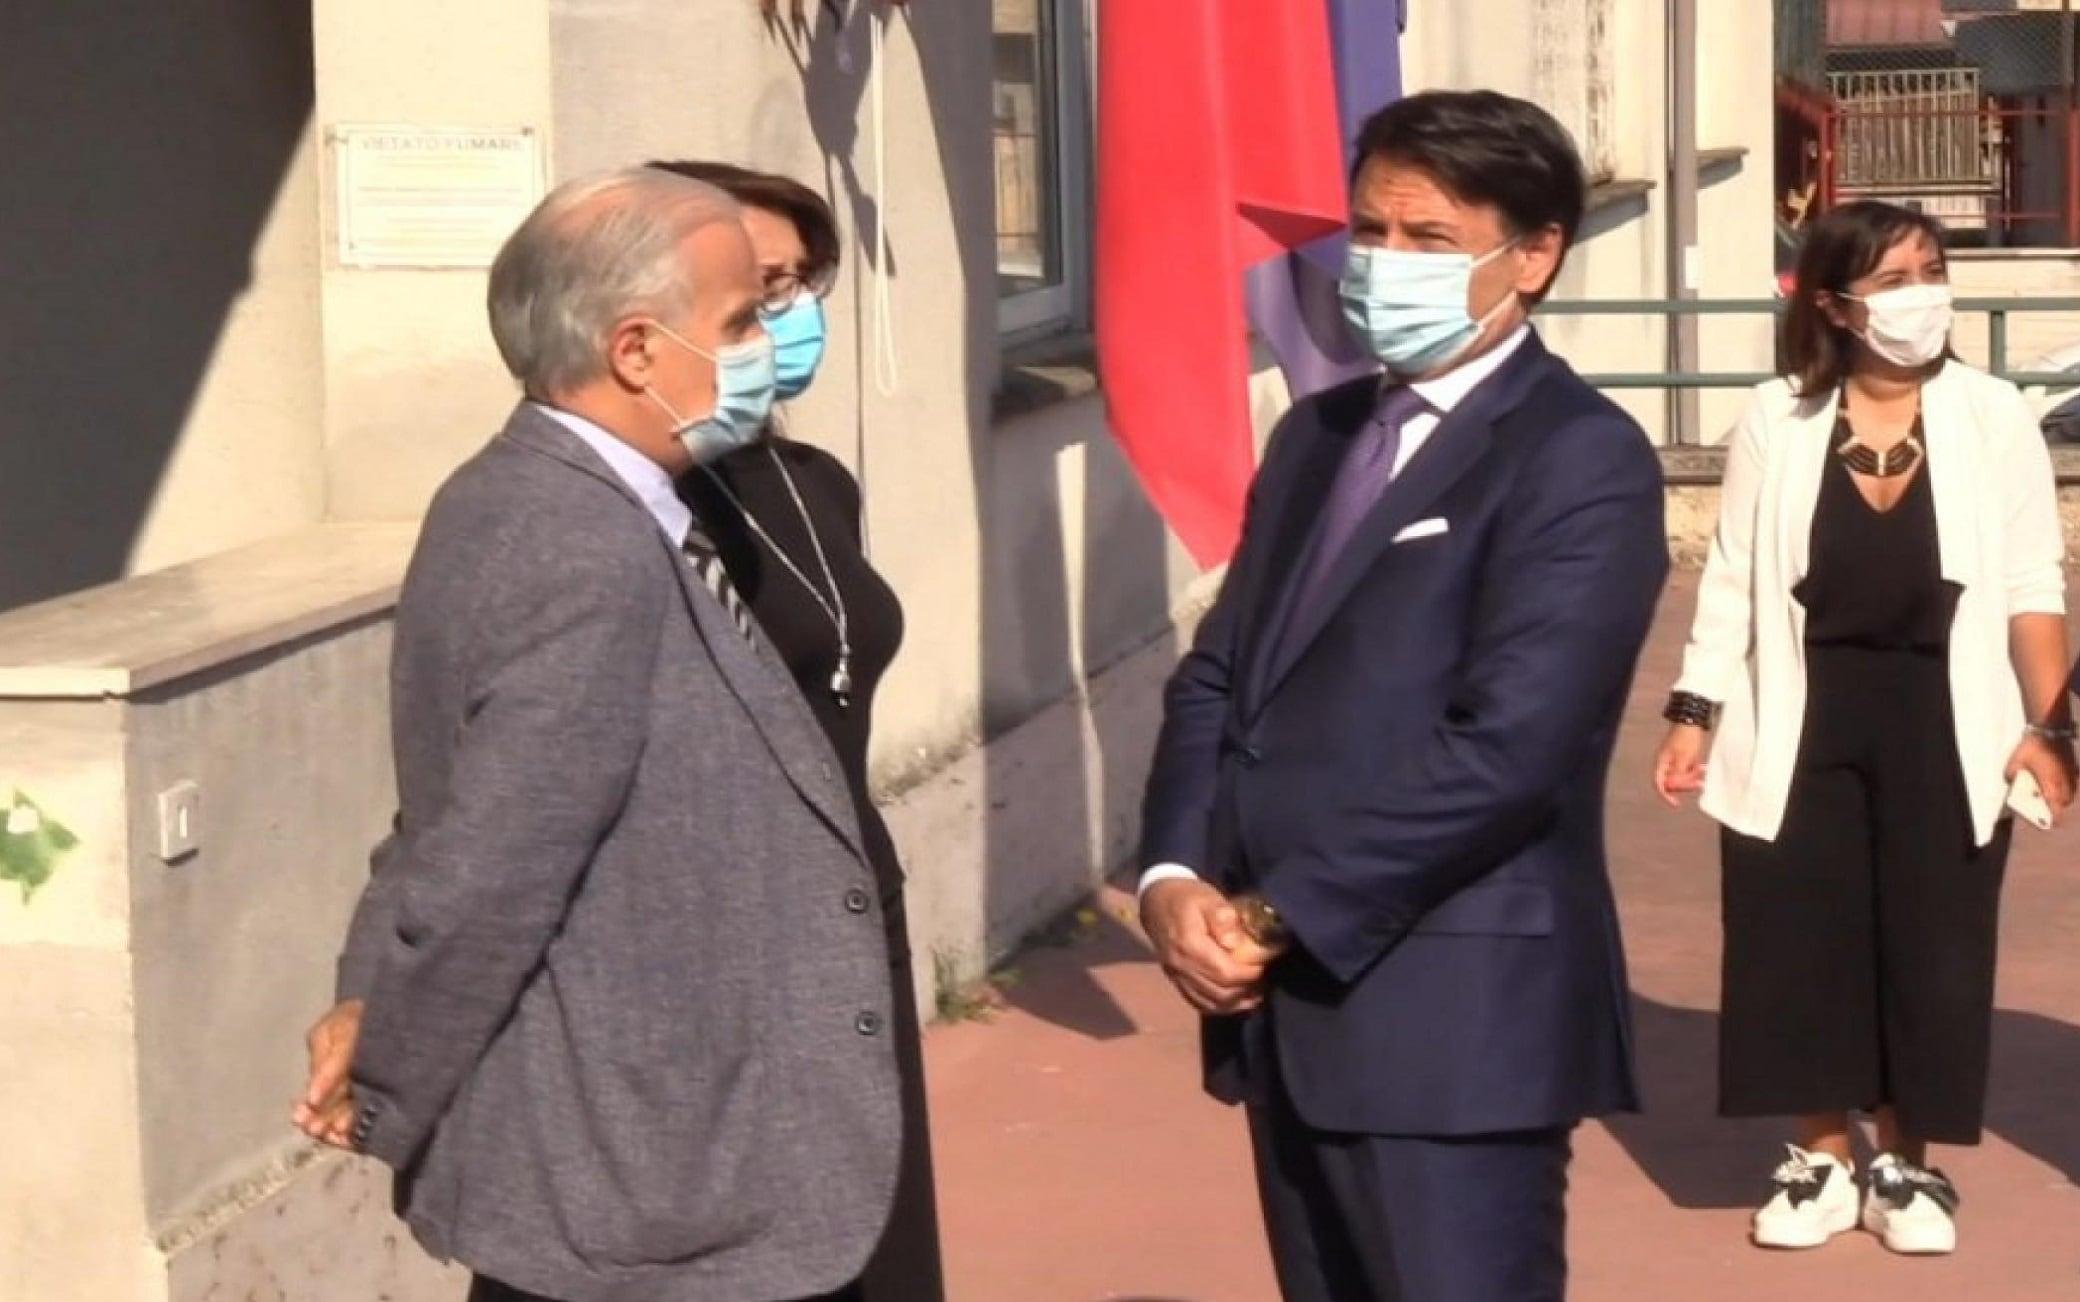 Un fermo immagine tratto da un video di Alenews mostra la visita a sorpresa del premier Giuseppe Conte in una scuola della periferia di Roma, 17 settembre 2020.ANSA/ALANEWS